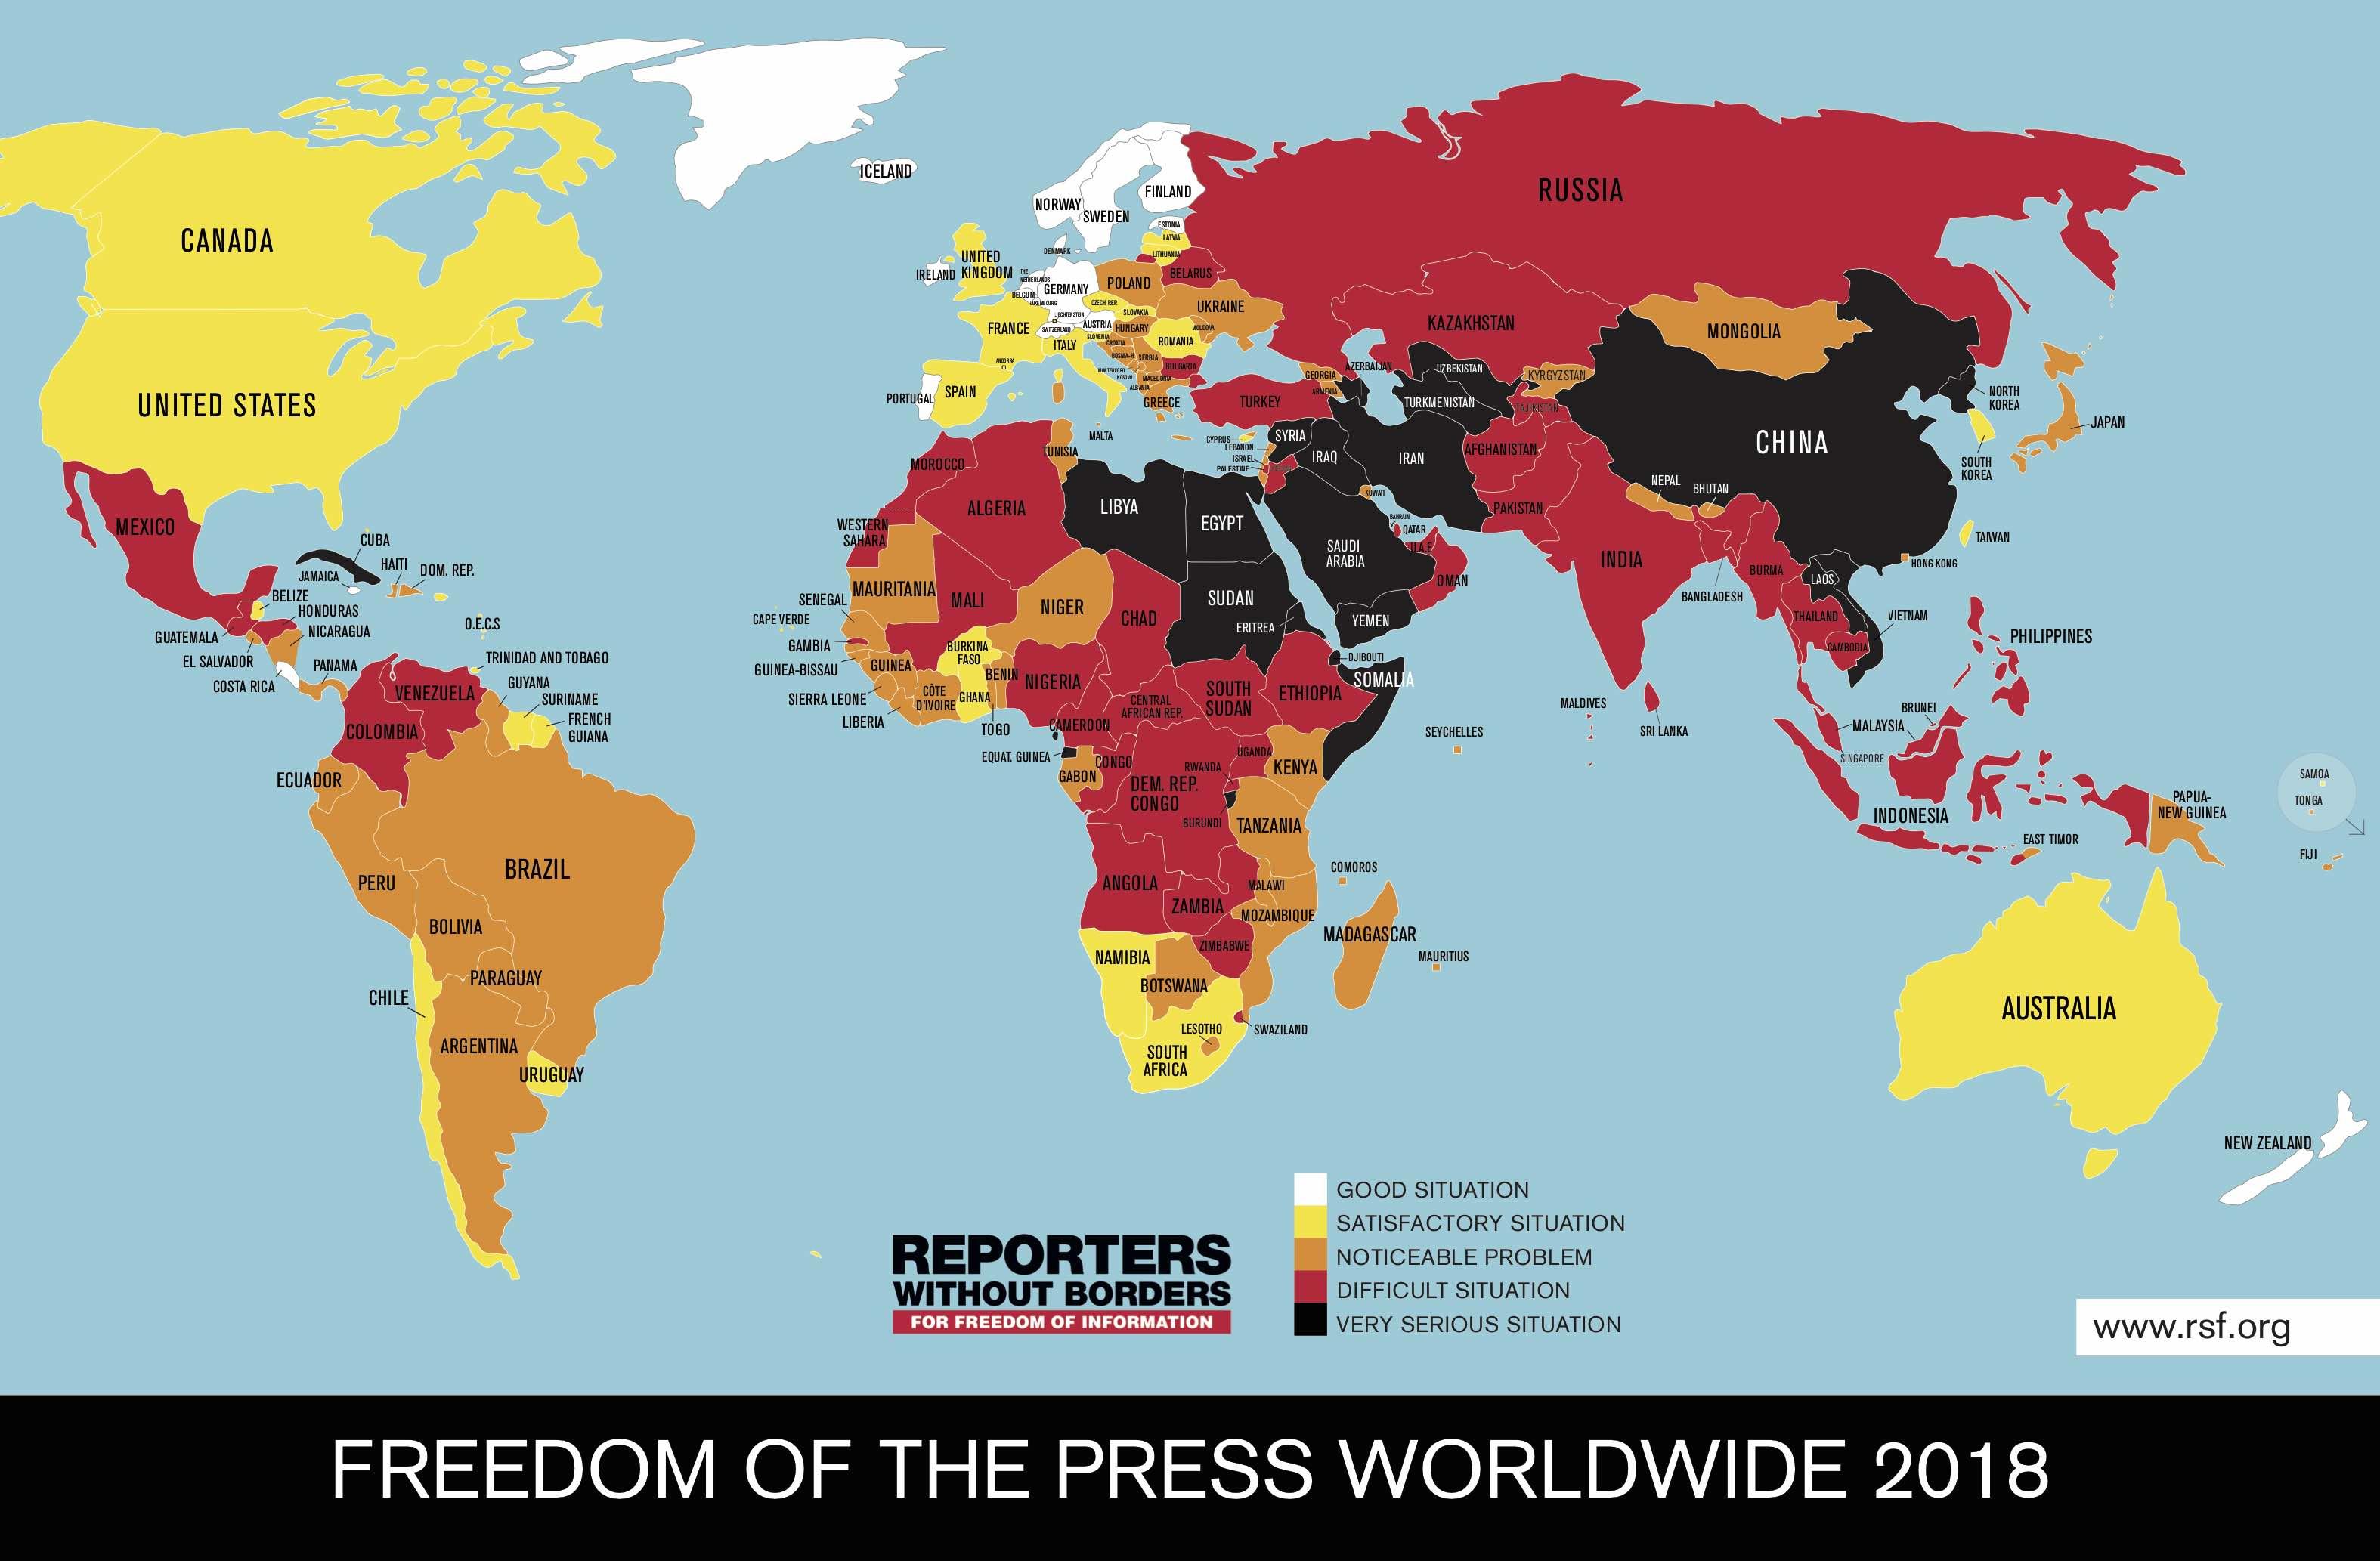 德国之声 | 新闻自由报告出炉 中国一再遭点名